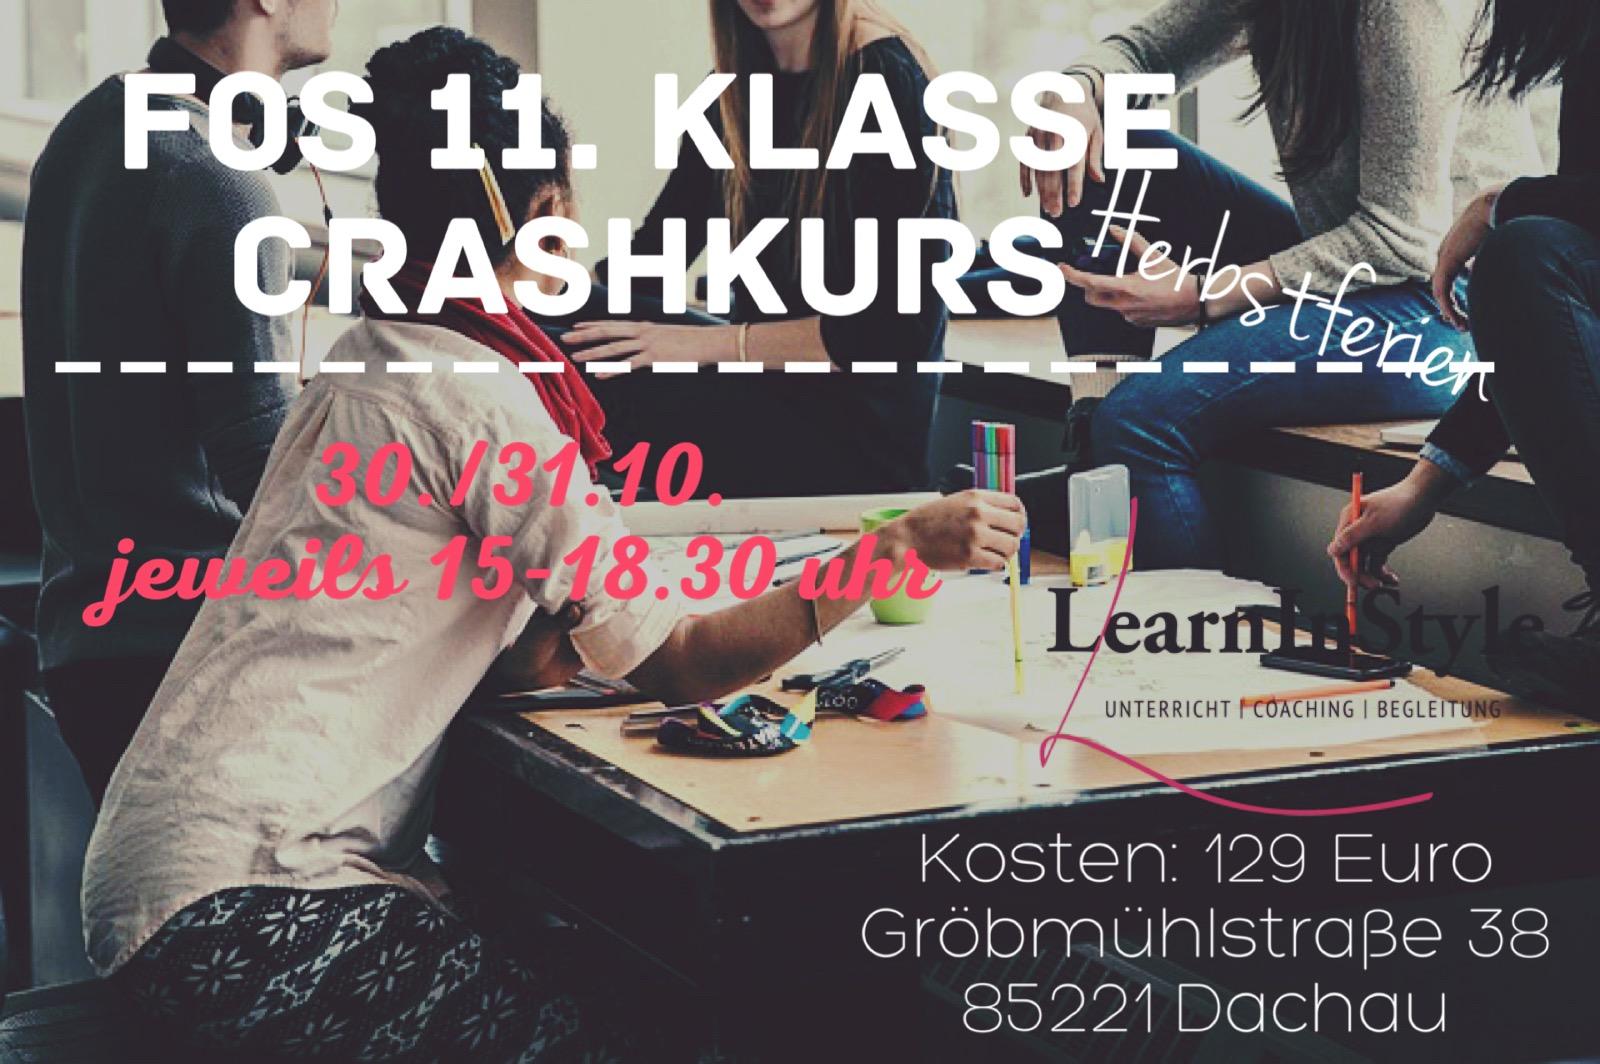 Herbstferien Crashkurs – 11.Klasse FOS